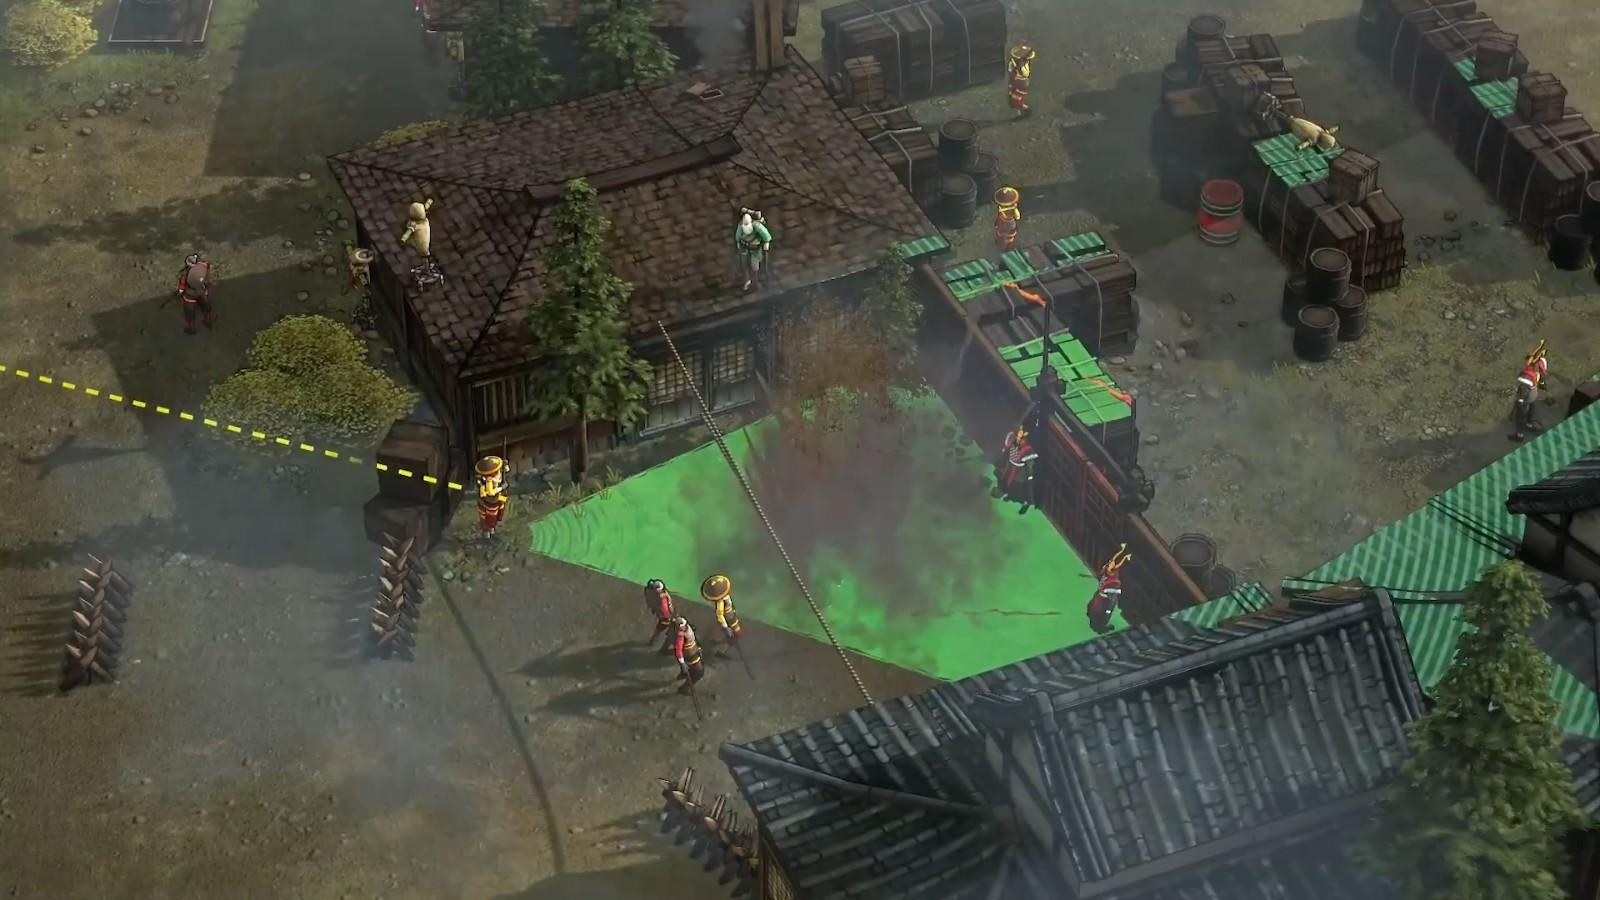 高能电玩节:《影子战术:将军之刃》新DLC宣传片插图9